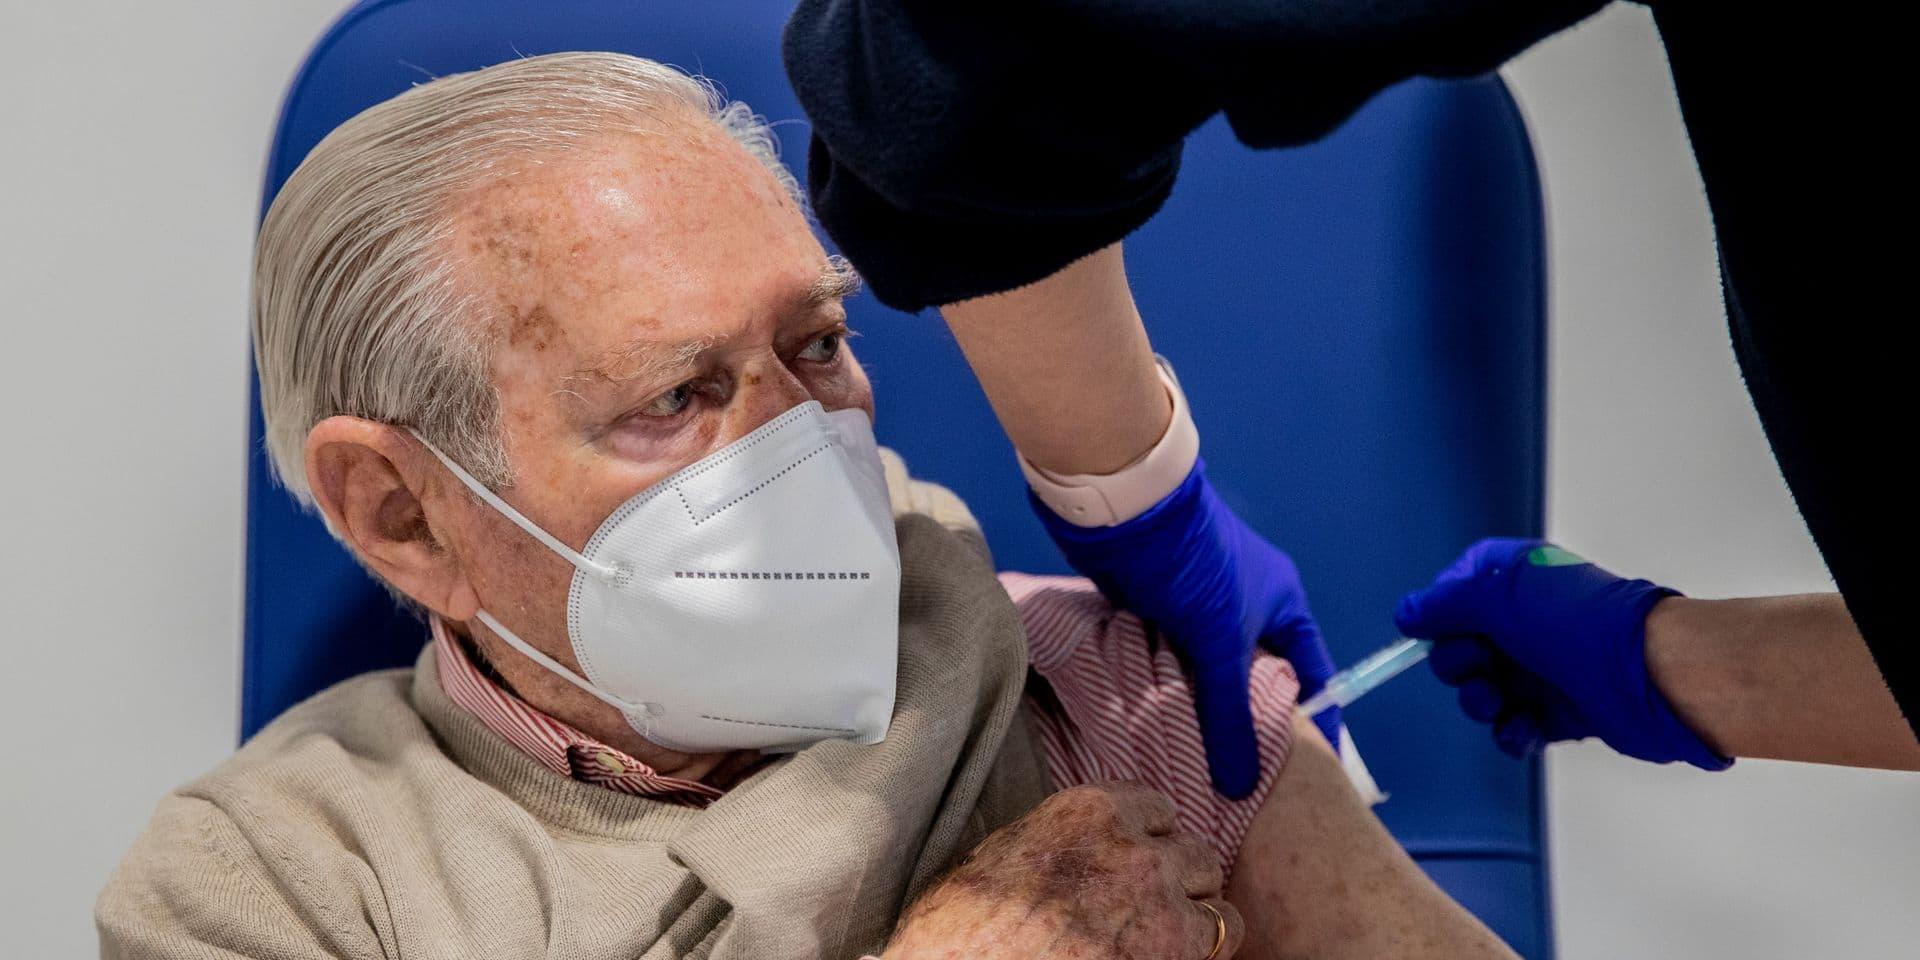 L'Espagne élève à 65 ans l'âge maximum pour le vaccin d'AstraZeneca